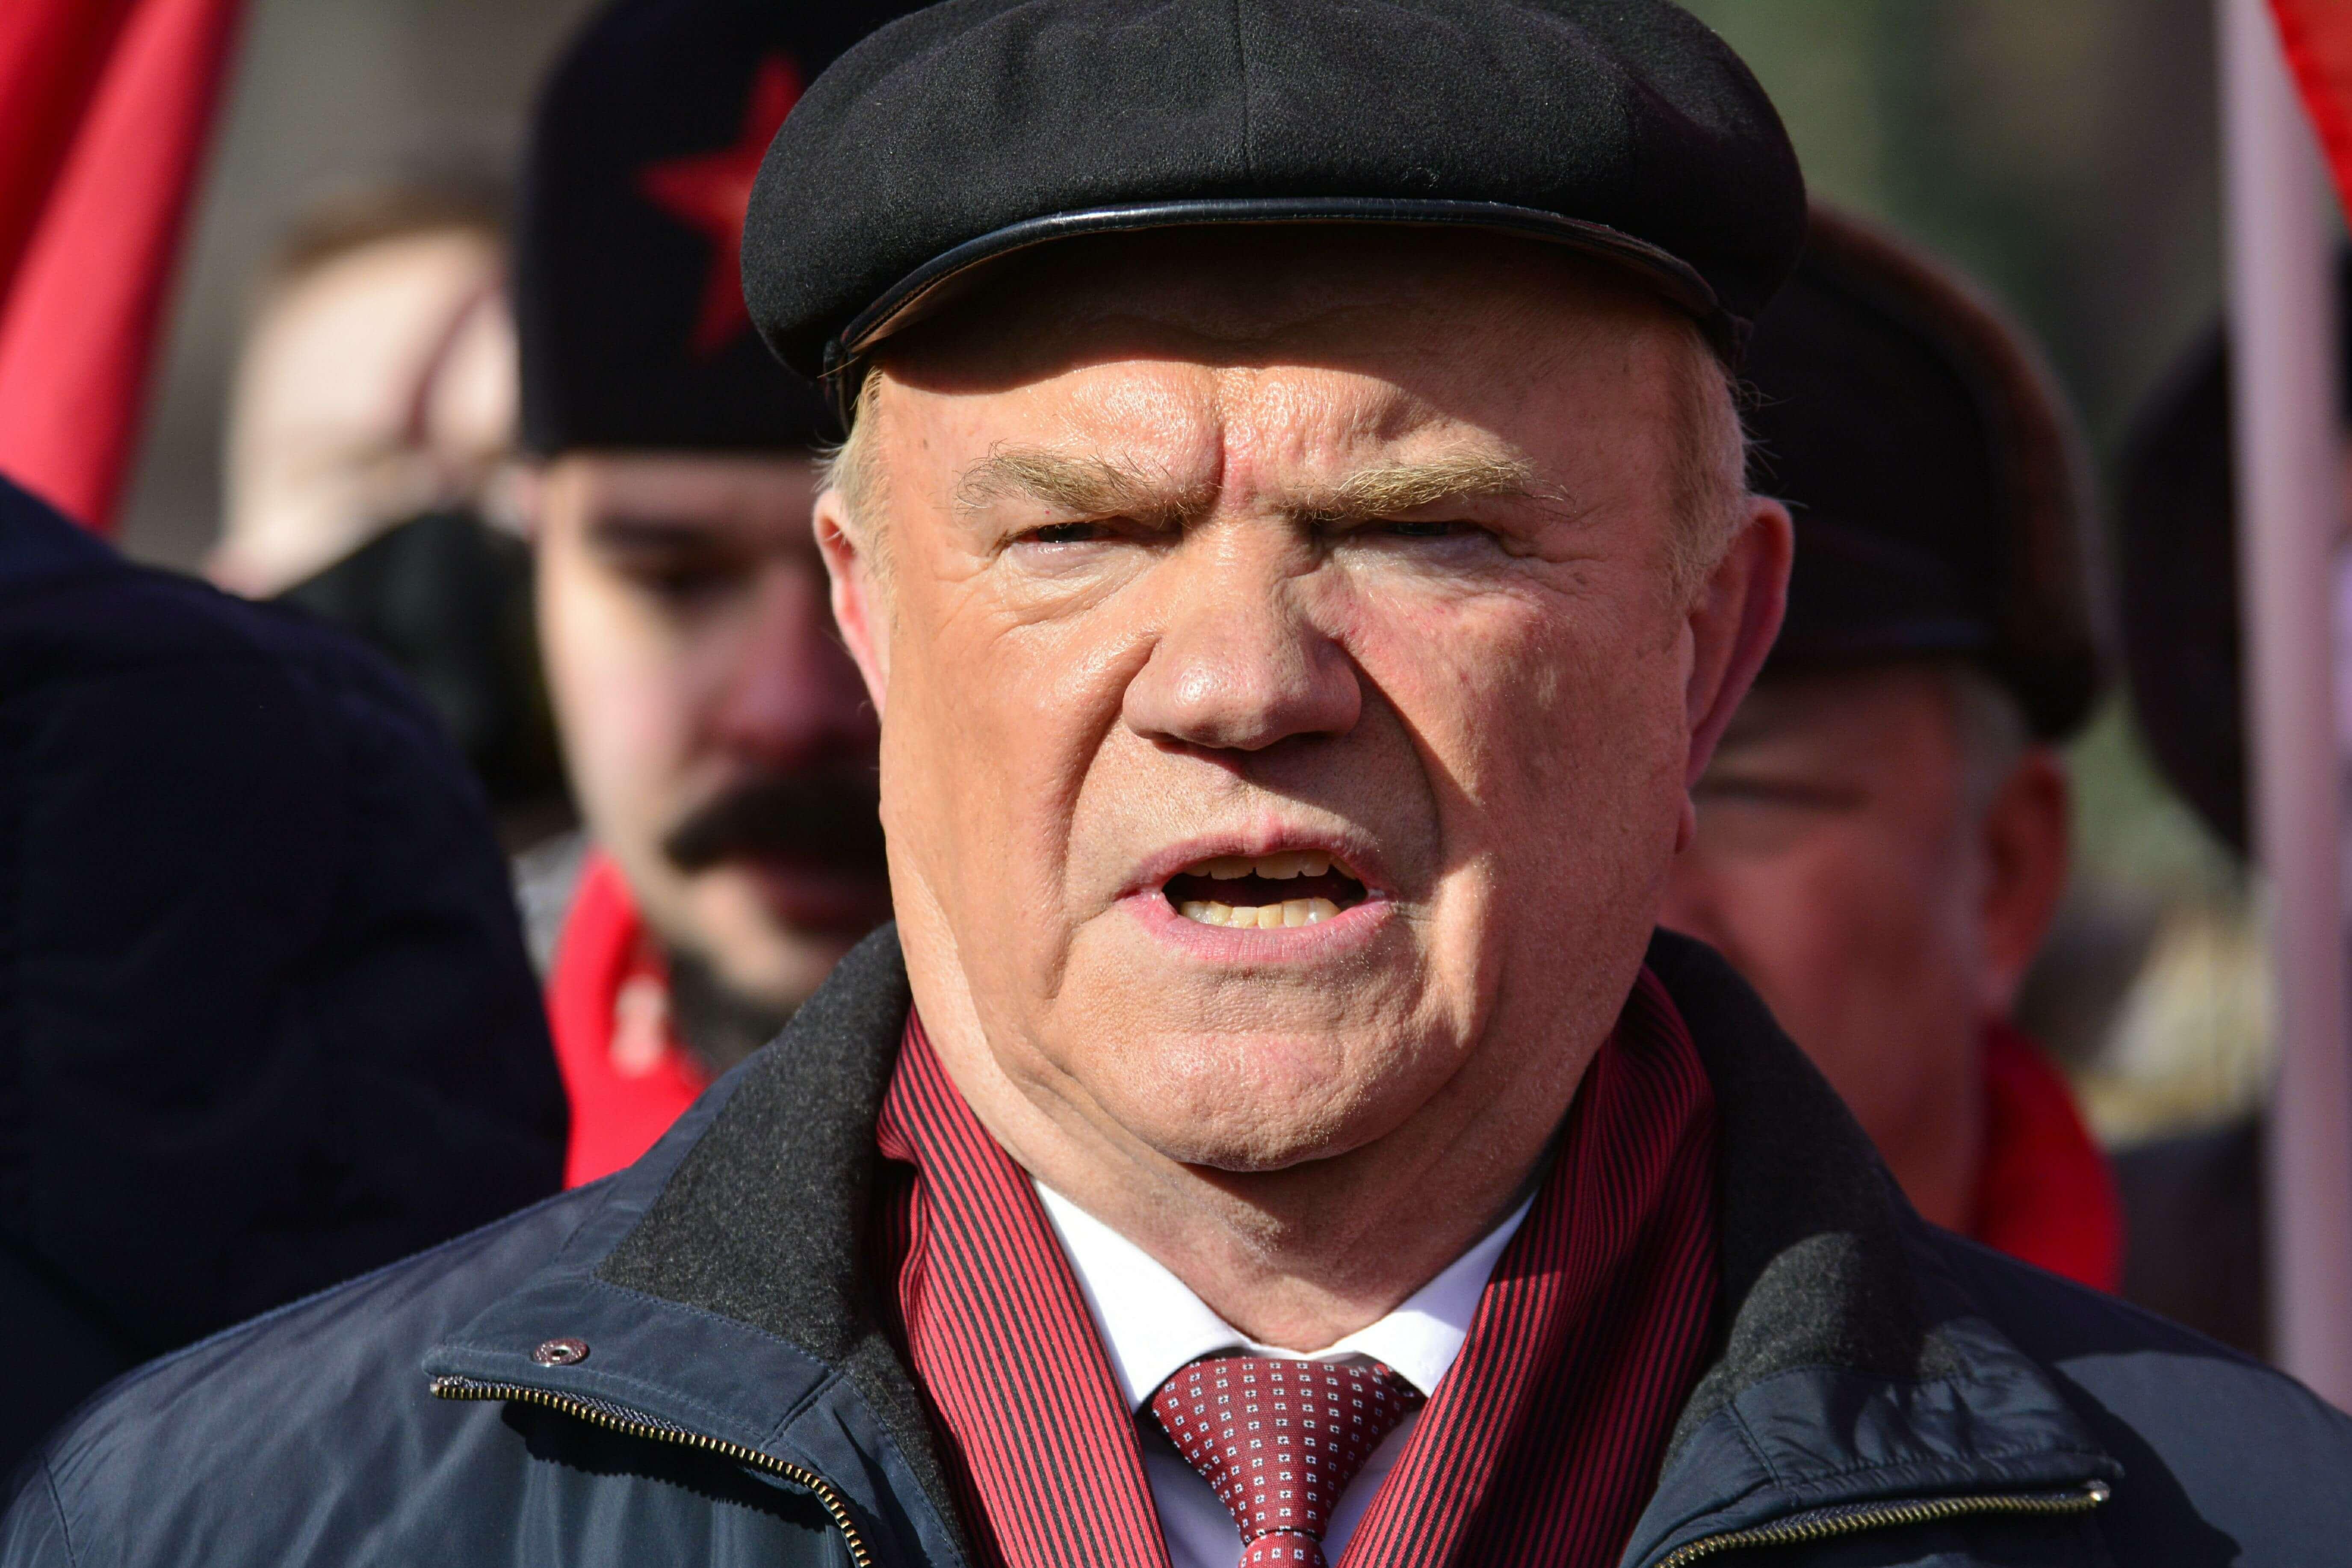 Геннадий Зюганов предложил ввести повышенный налог на «подозрительно богатых» людей